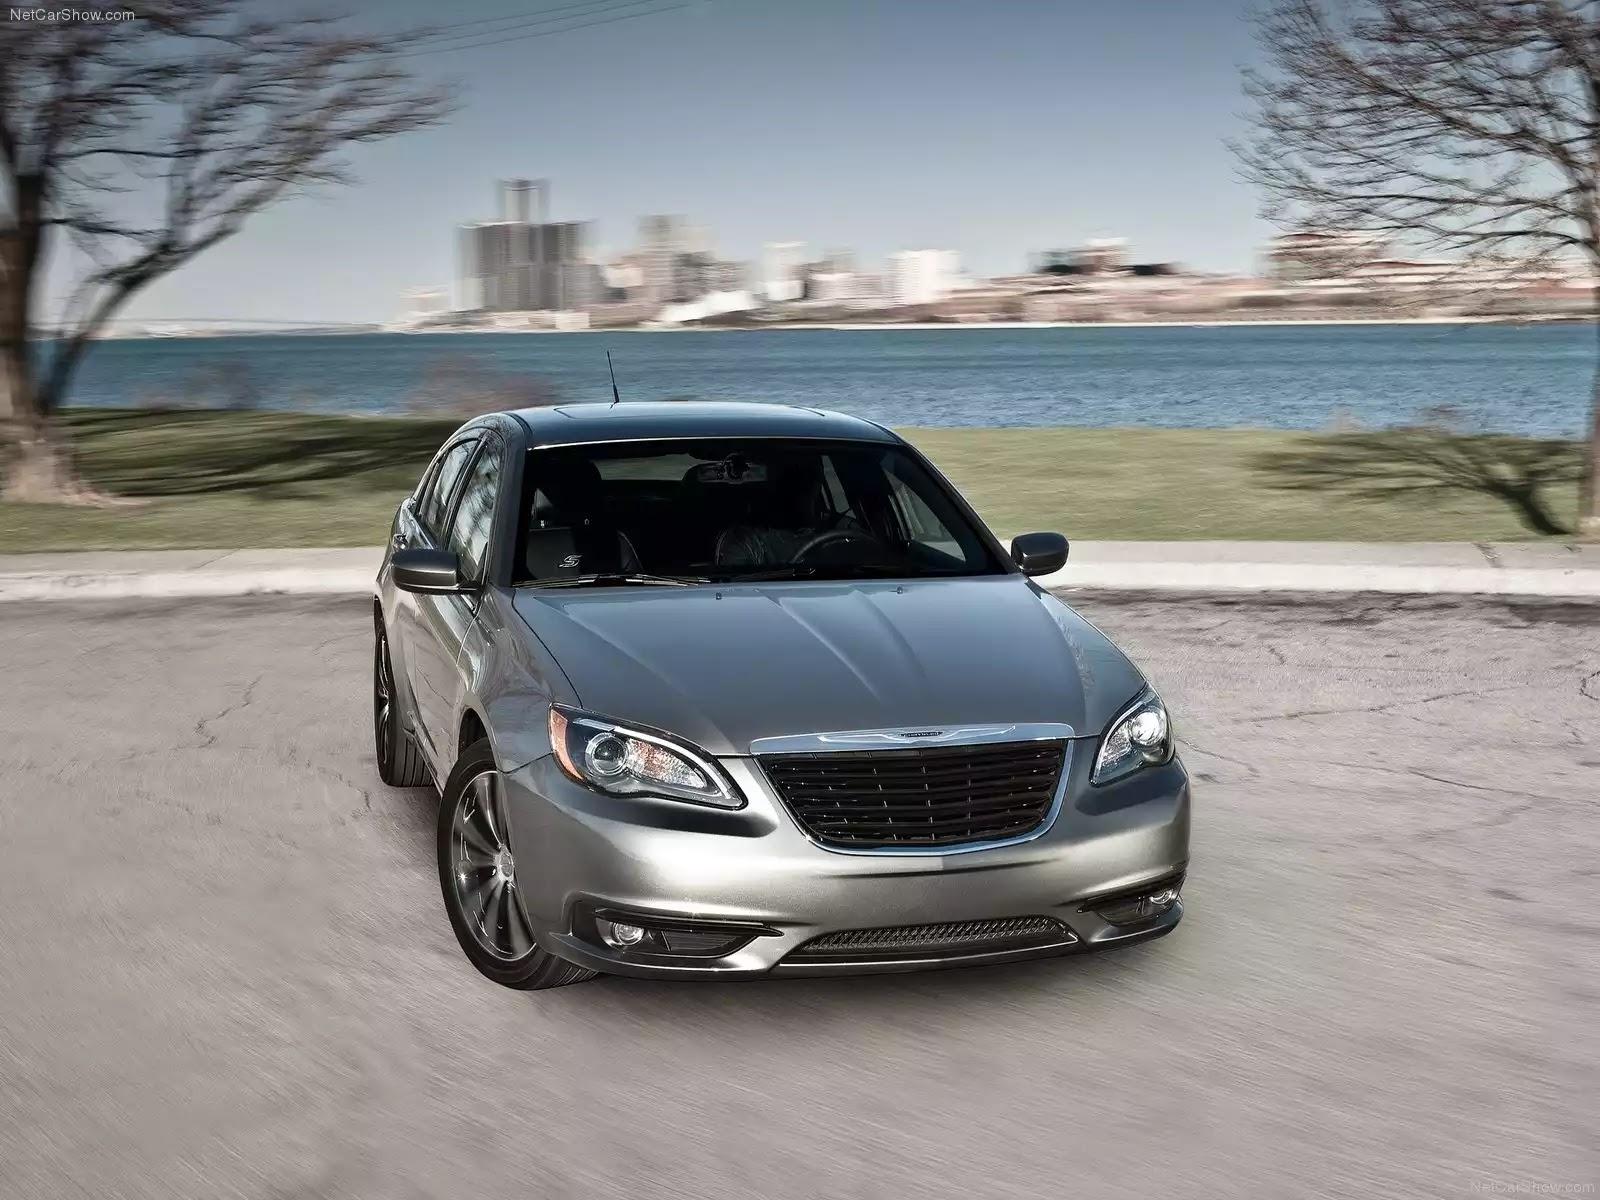 Hình ảnh xe ô tô Chrysler 200 S 2011 & nội ngoại thất